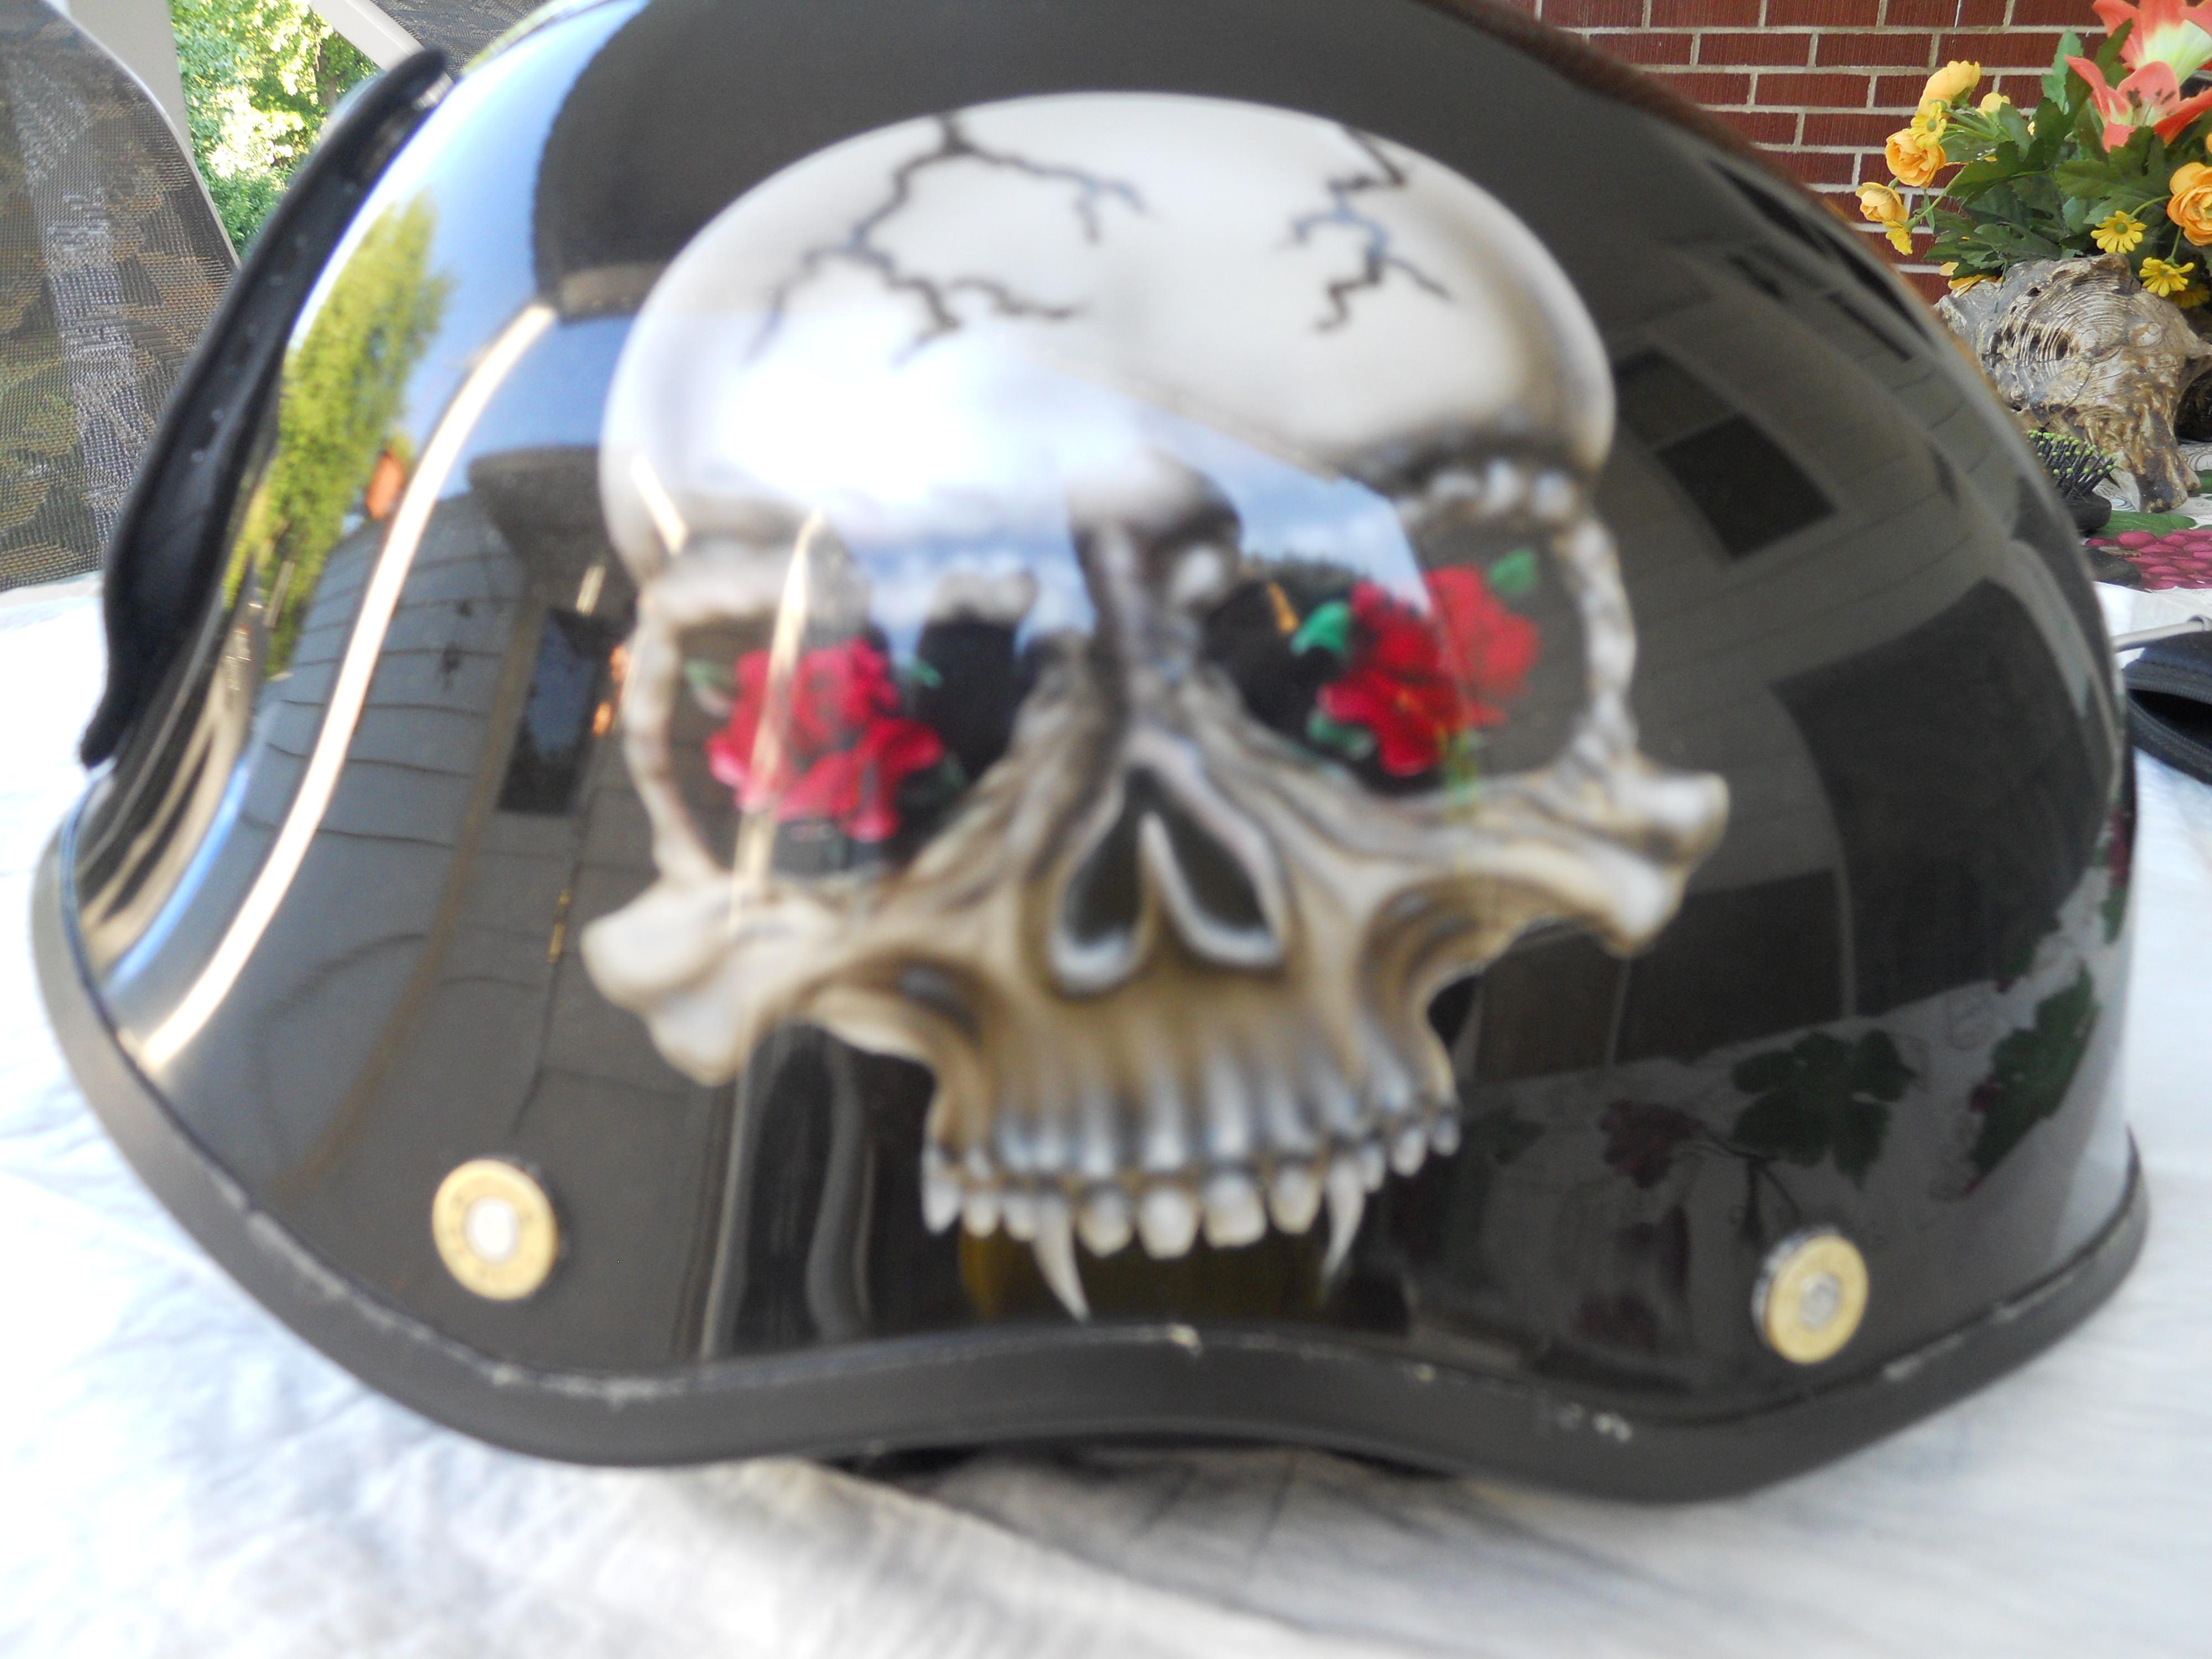 Motorcycle-Helmet-skull